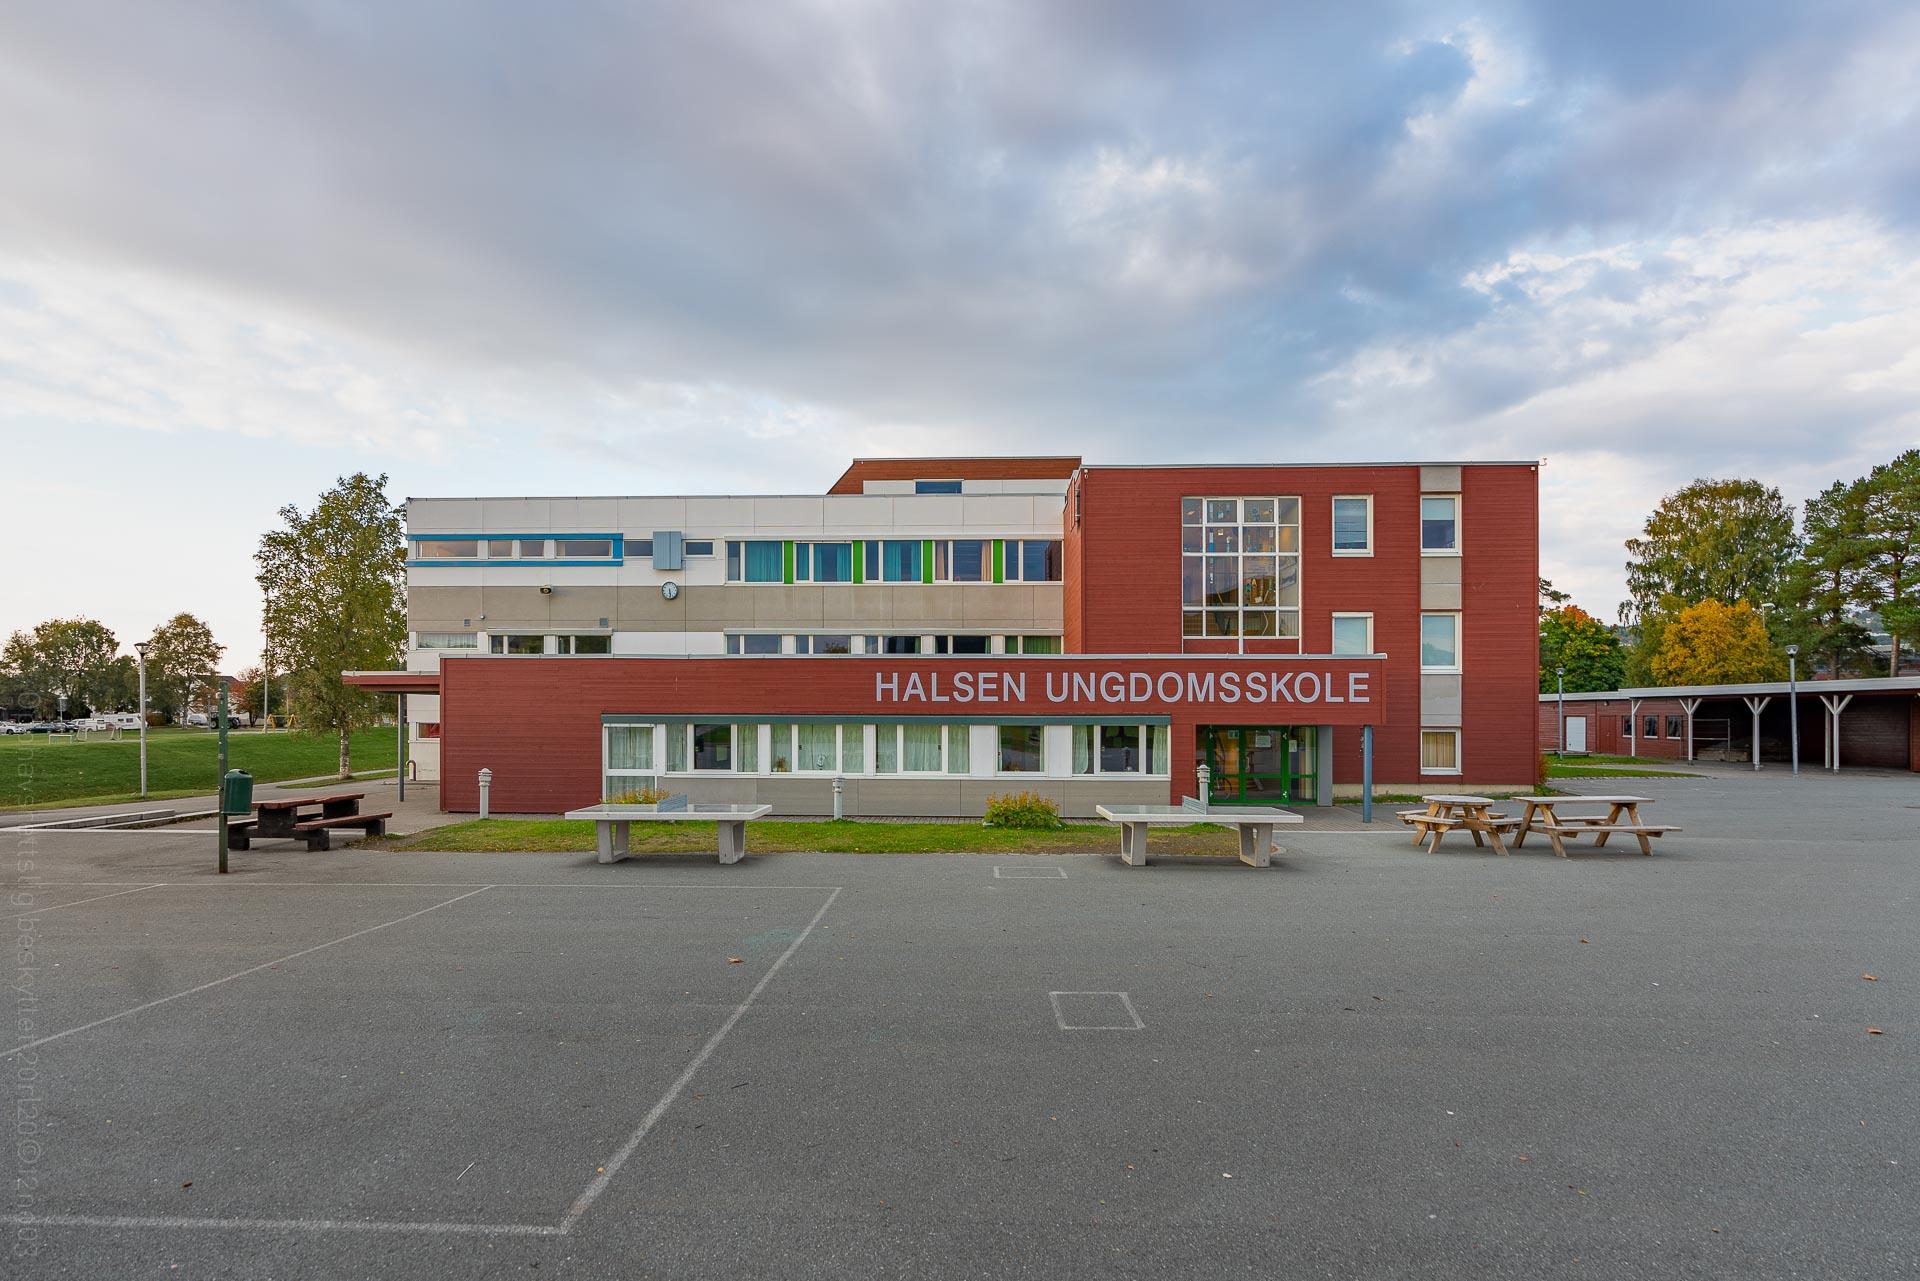 Halsen ungdomsskole, Trøndelag